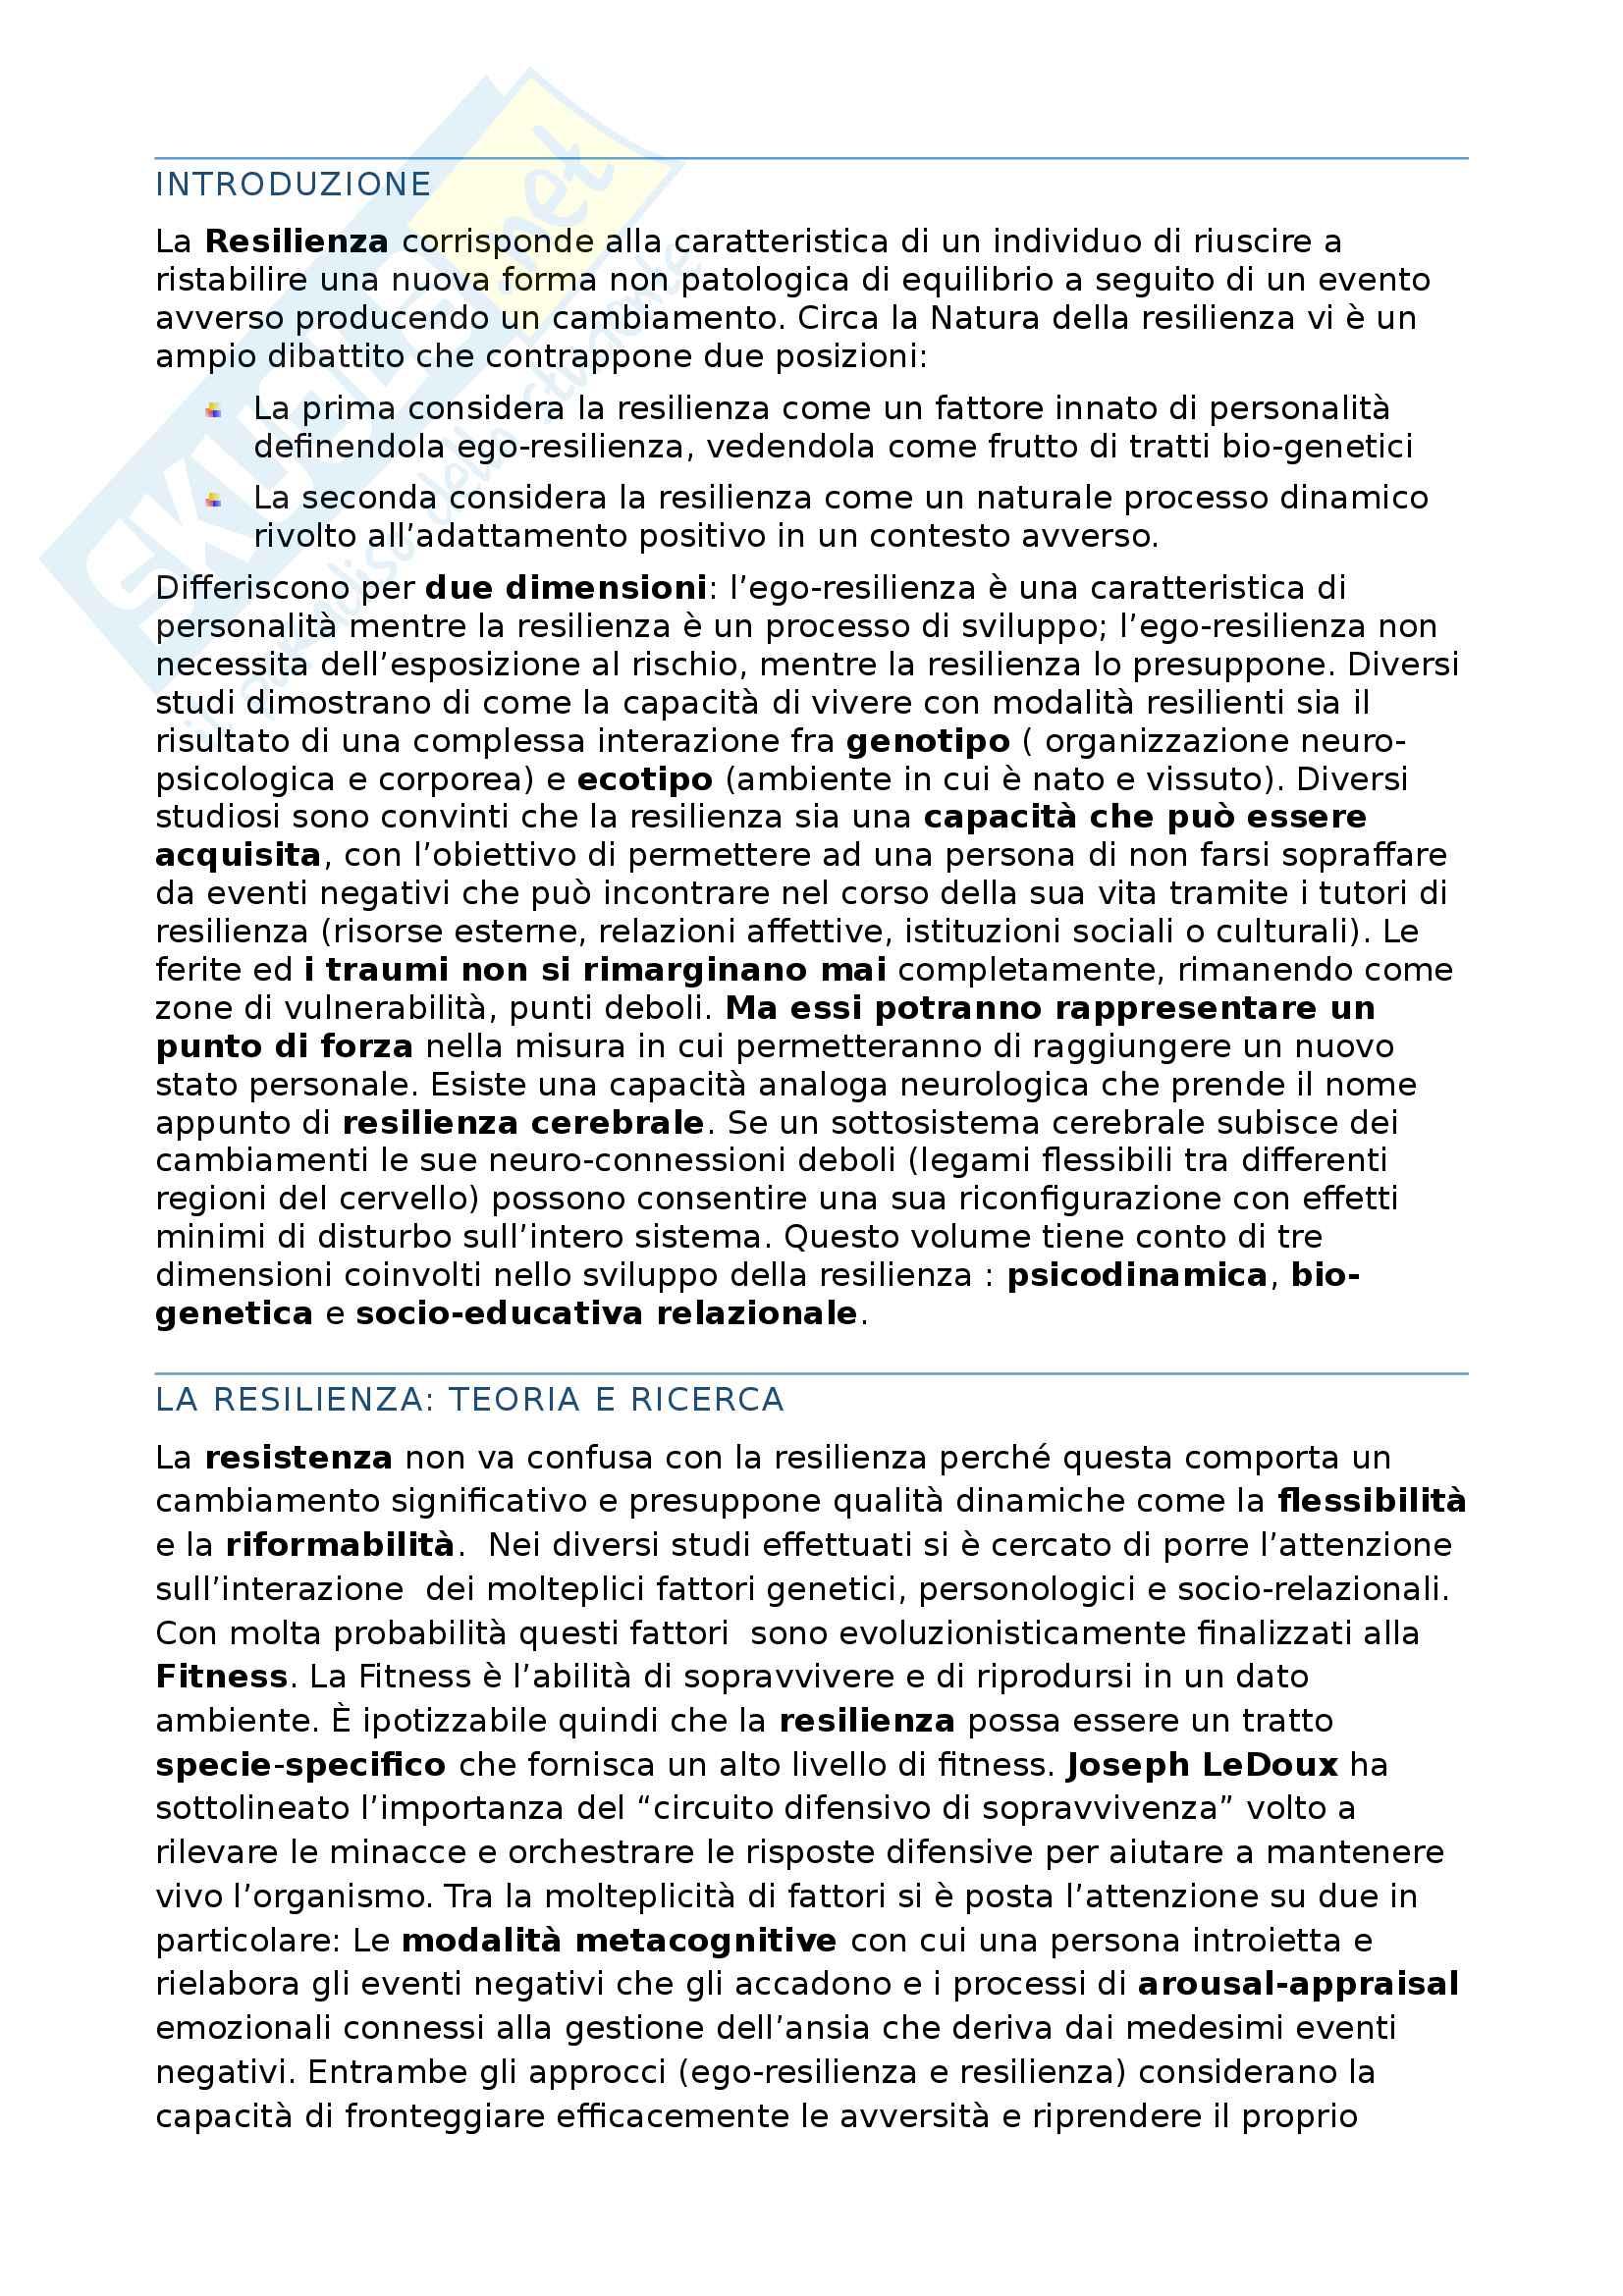 Riassunto esame Psicologia della personalità, C. Varriale, Libro consigliato Resilienze: Sviluppare personalità resilienti lavorando sui processi metacognitivi, C. Varriale